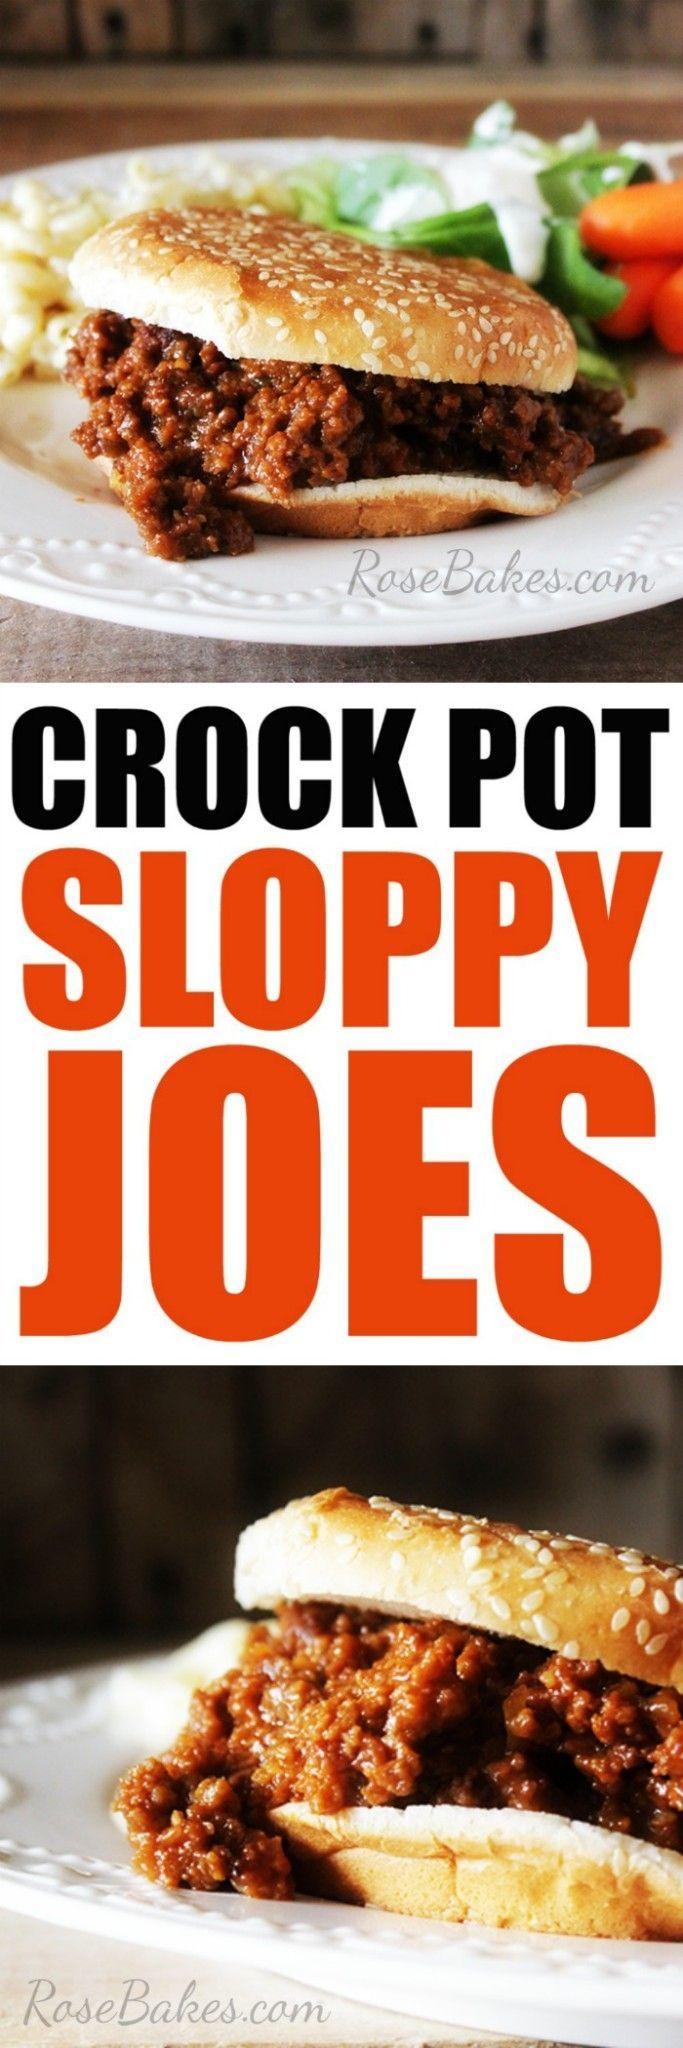 Easy Crock Pot Sloppy Joes by RoseBakes